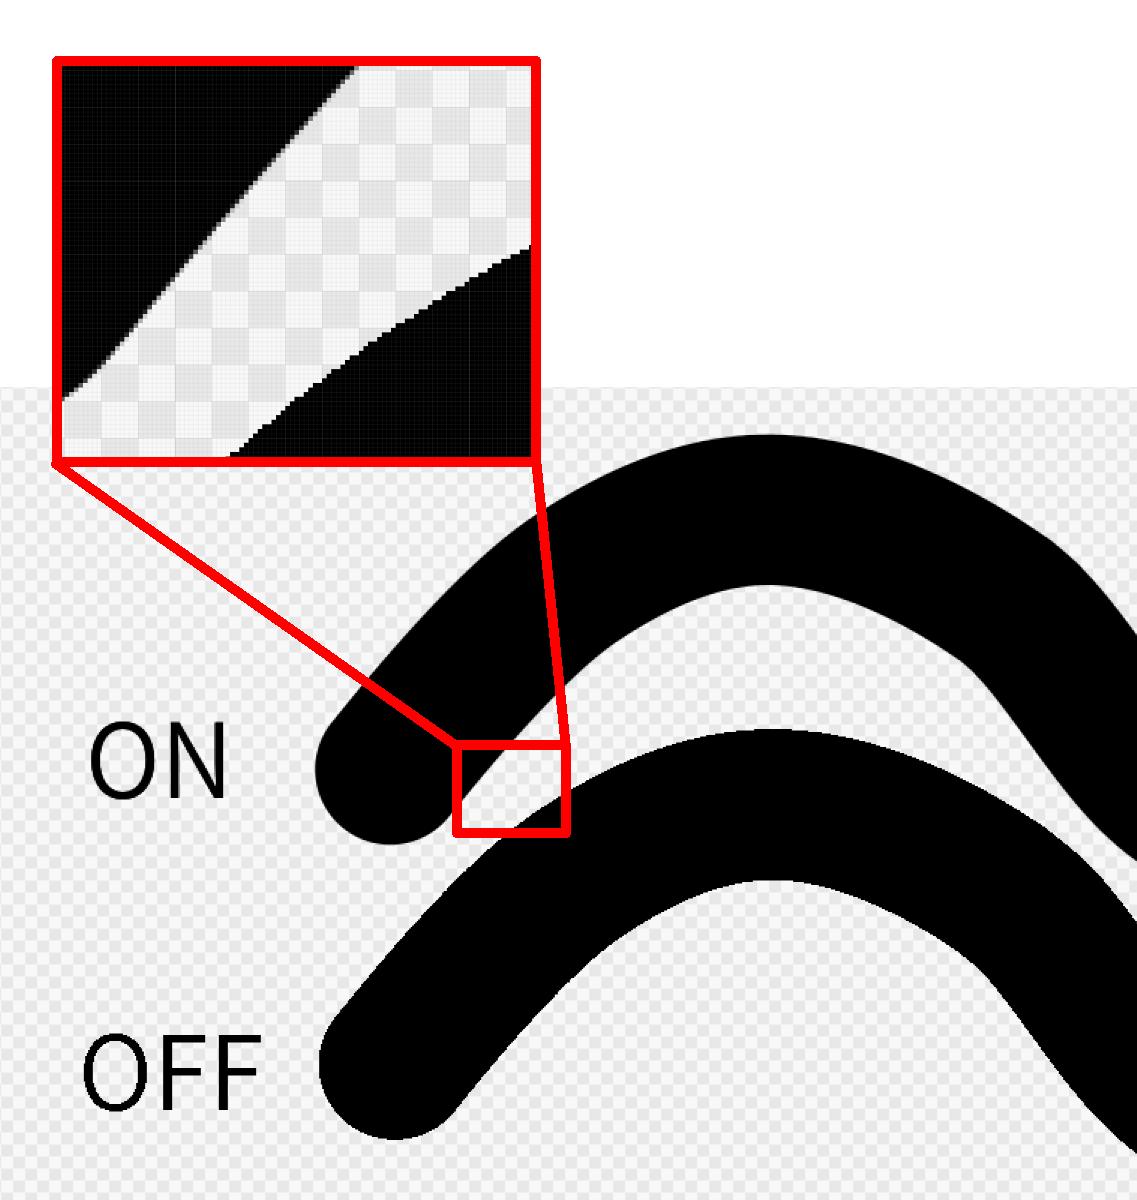 Diferencia de línea debido a la presencia / ausencia de suavizado